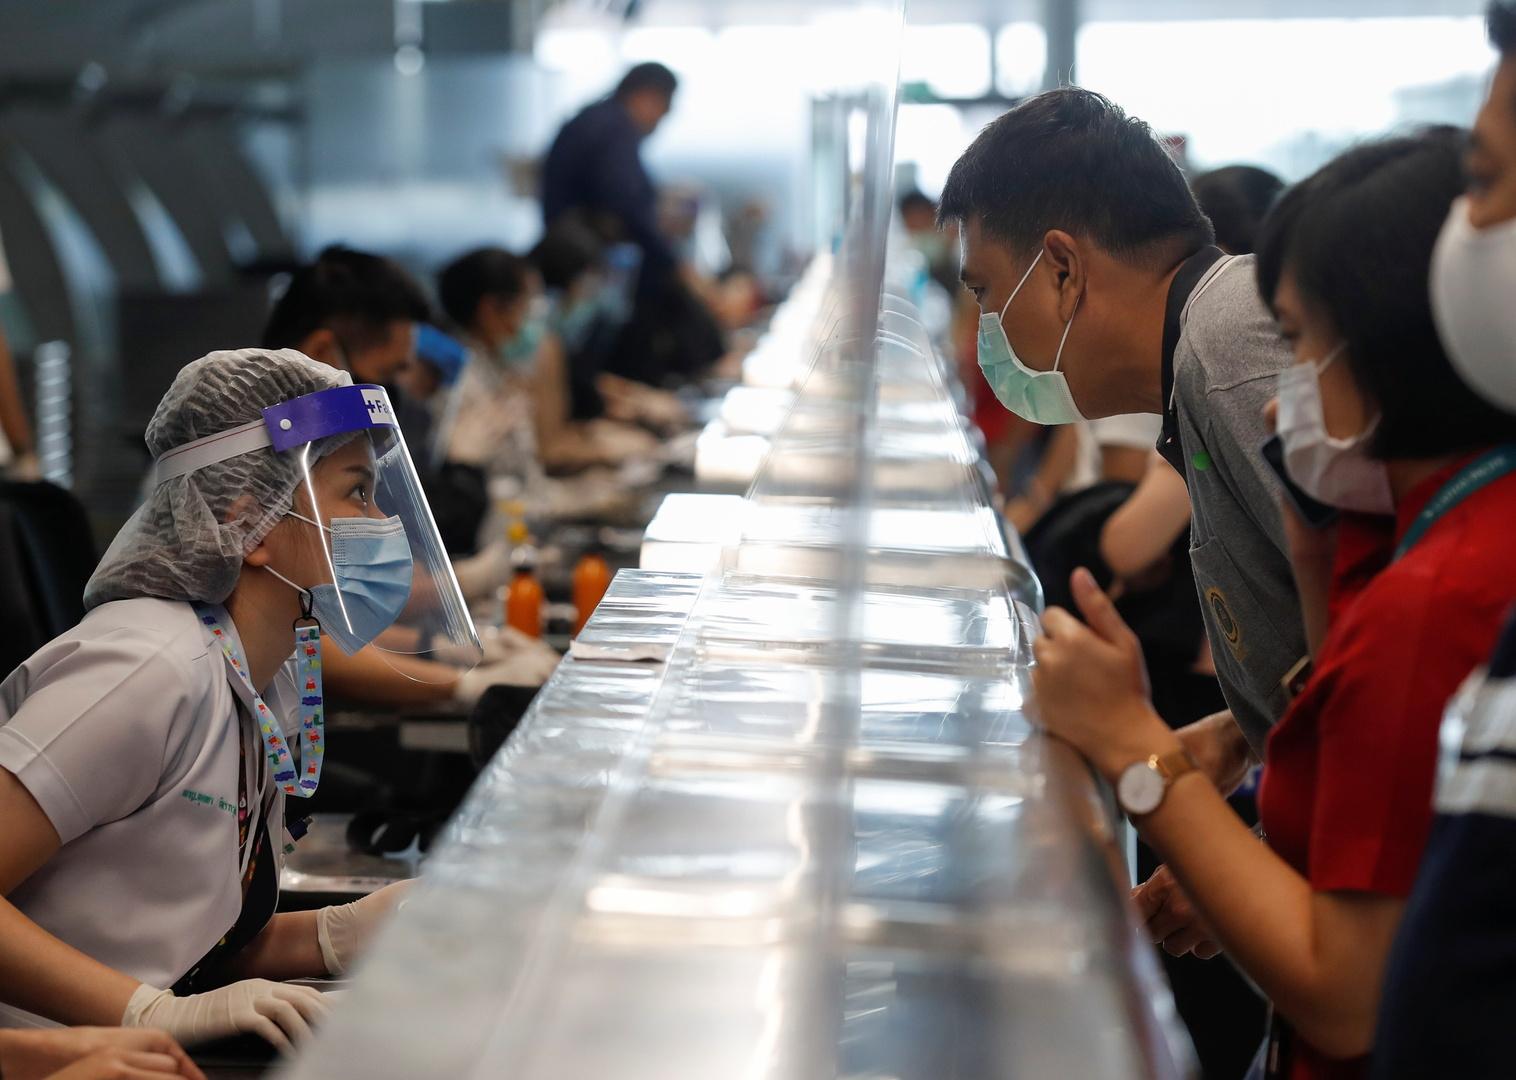 تايلاند تتعرض لموجة تفشي كورونا ثالثة وتسجل عددا قياسيا من الوفيات